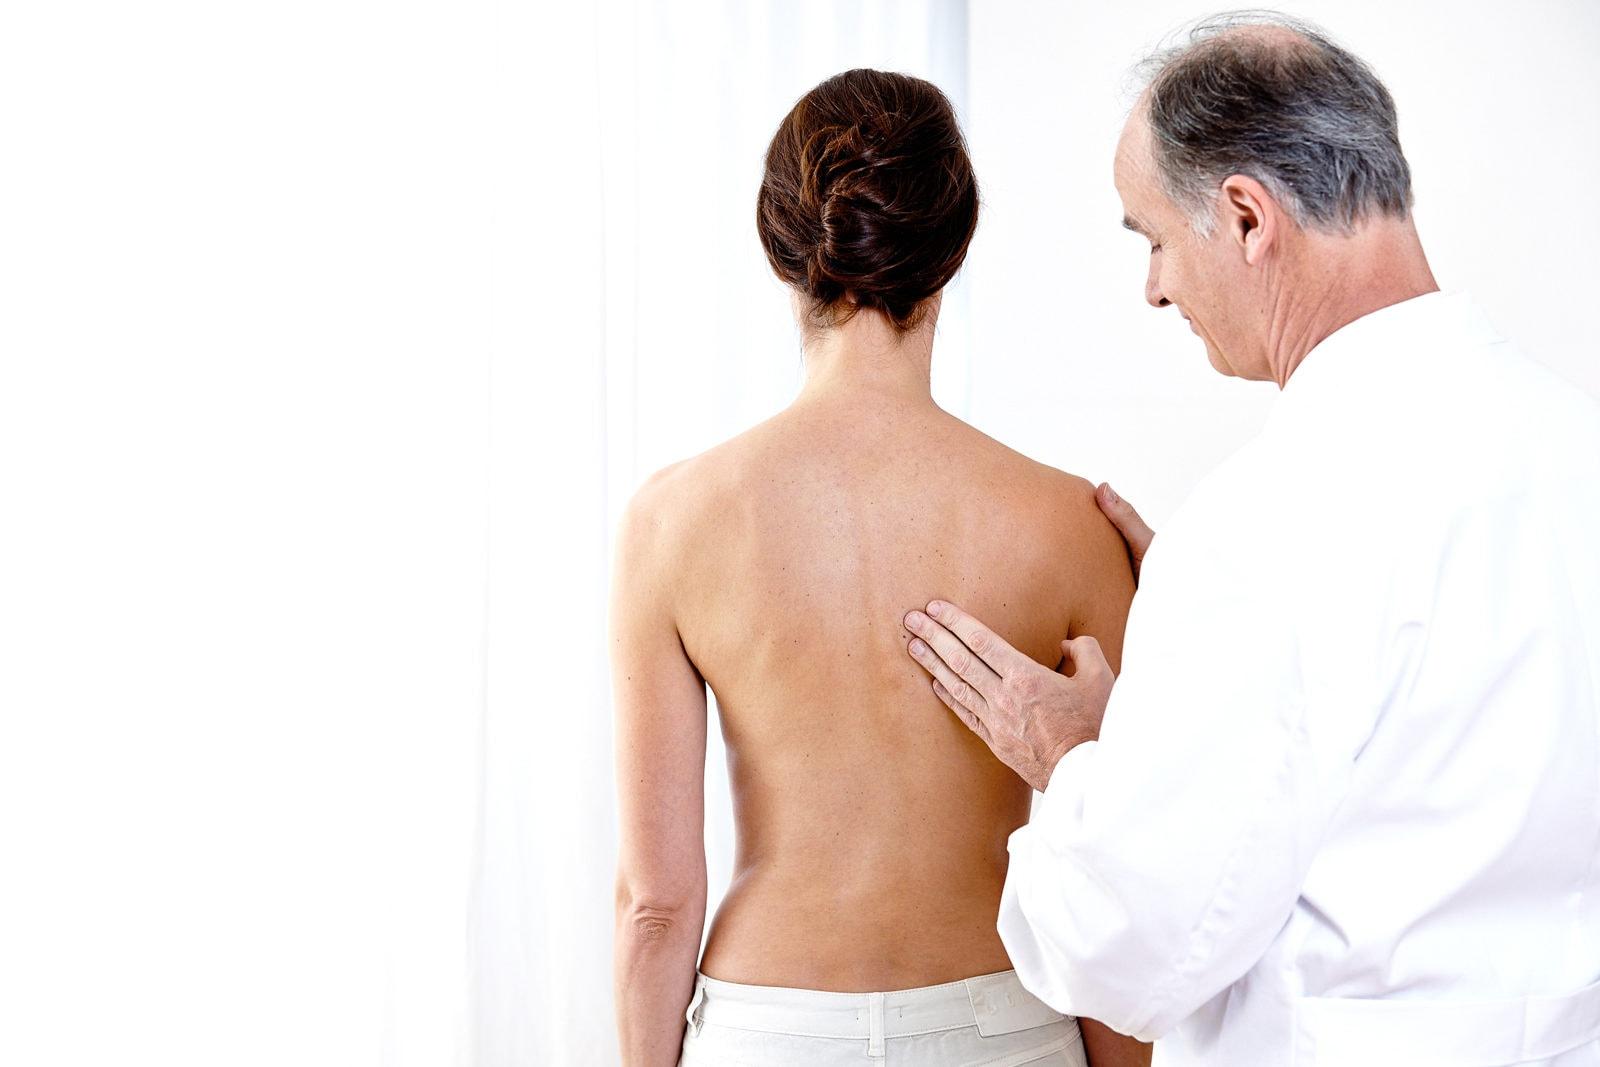 Patientin bekommt im Stehen eine Wirbelsäulenbehandlung vom Arzt